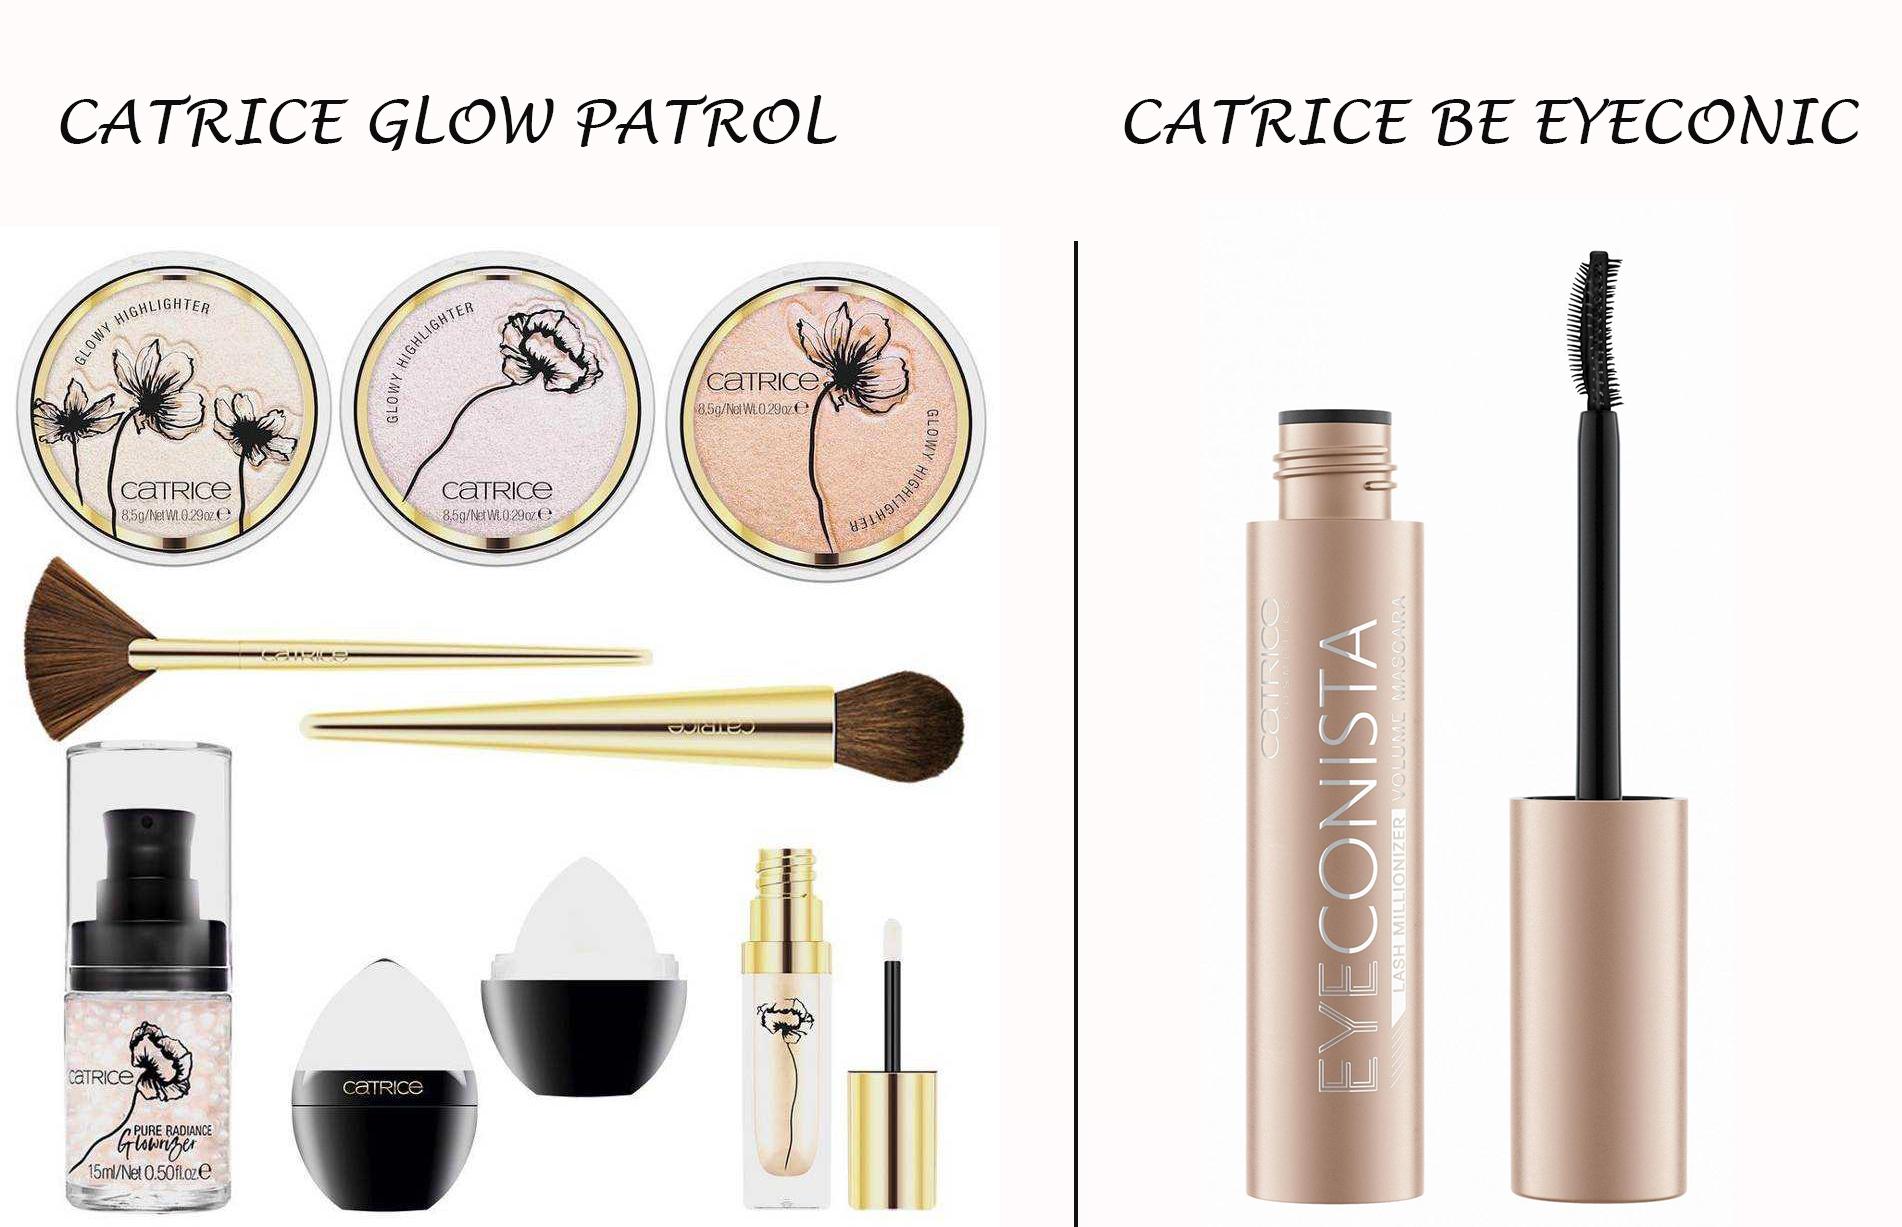 catrice-glow-patrol_be_eyeconic_blogozine.jpg